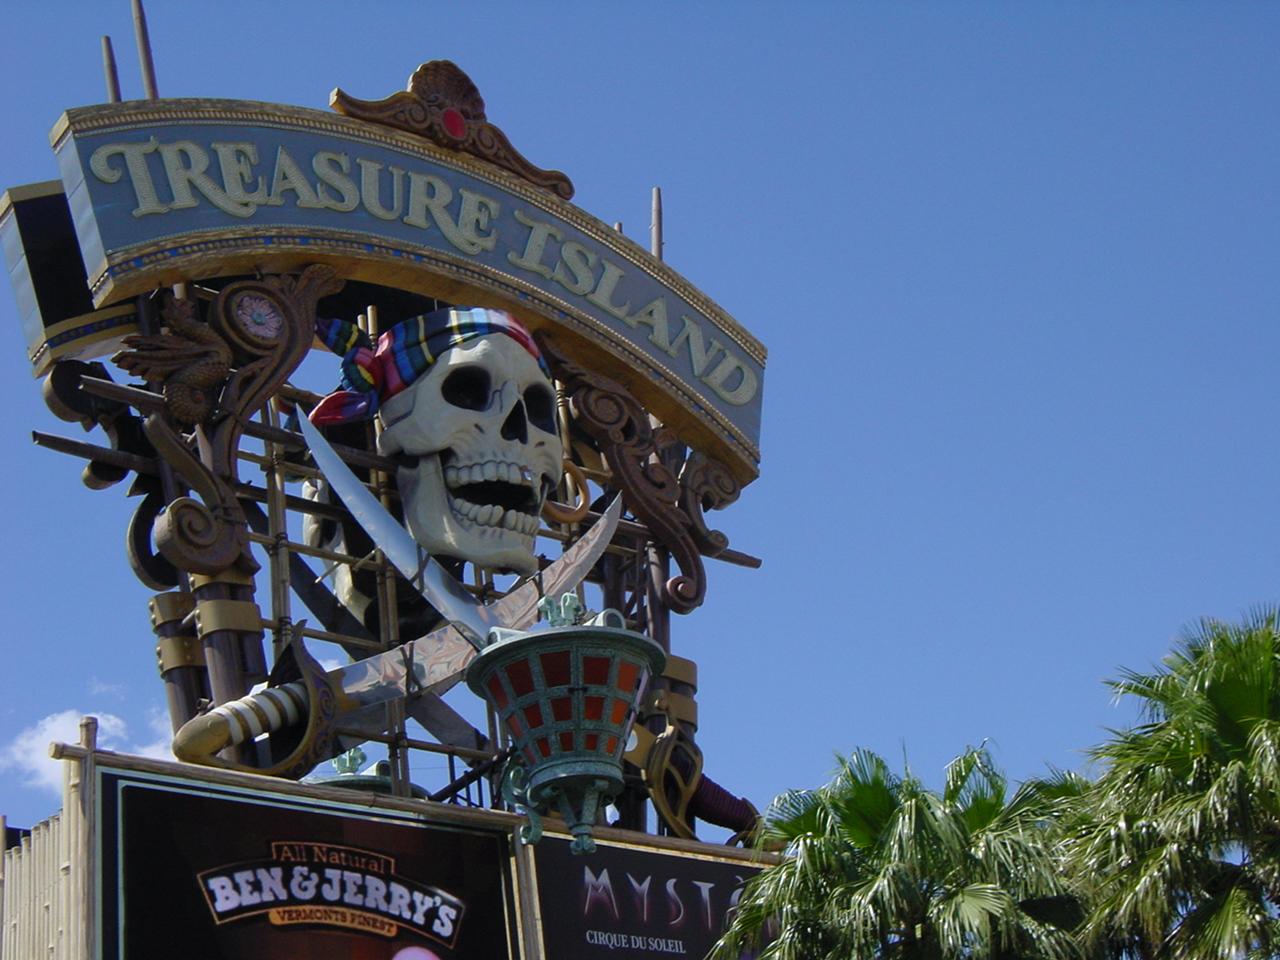 Treasure island texas holdem